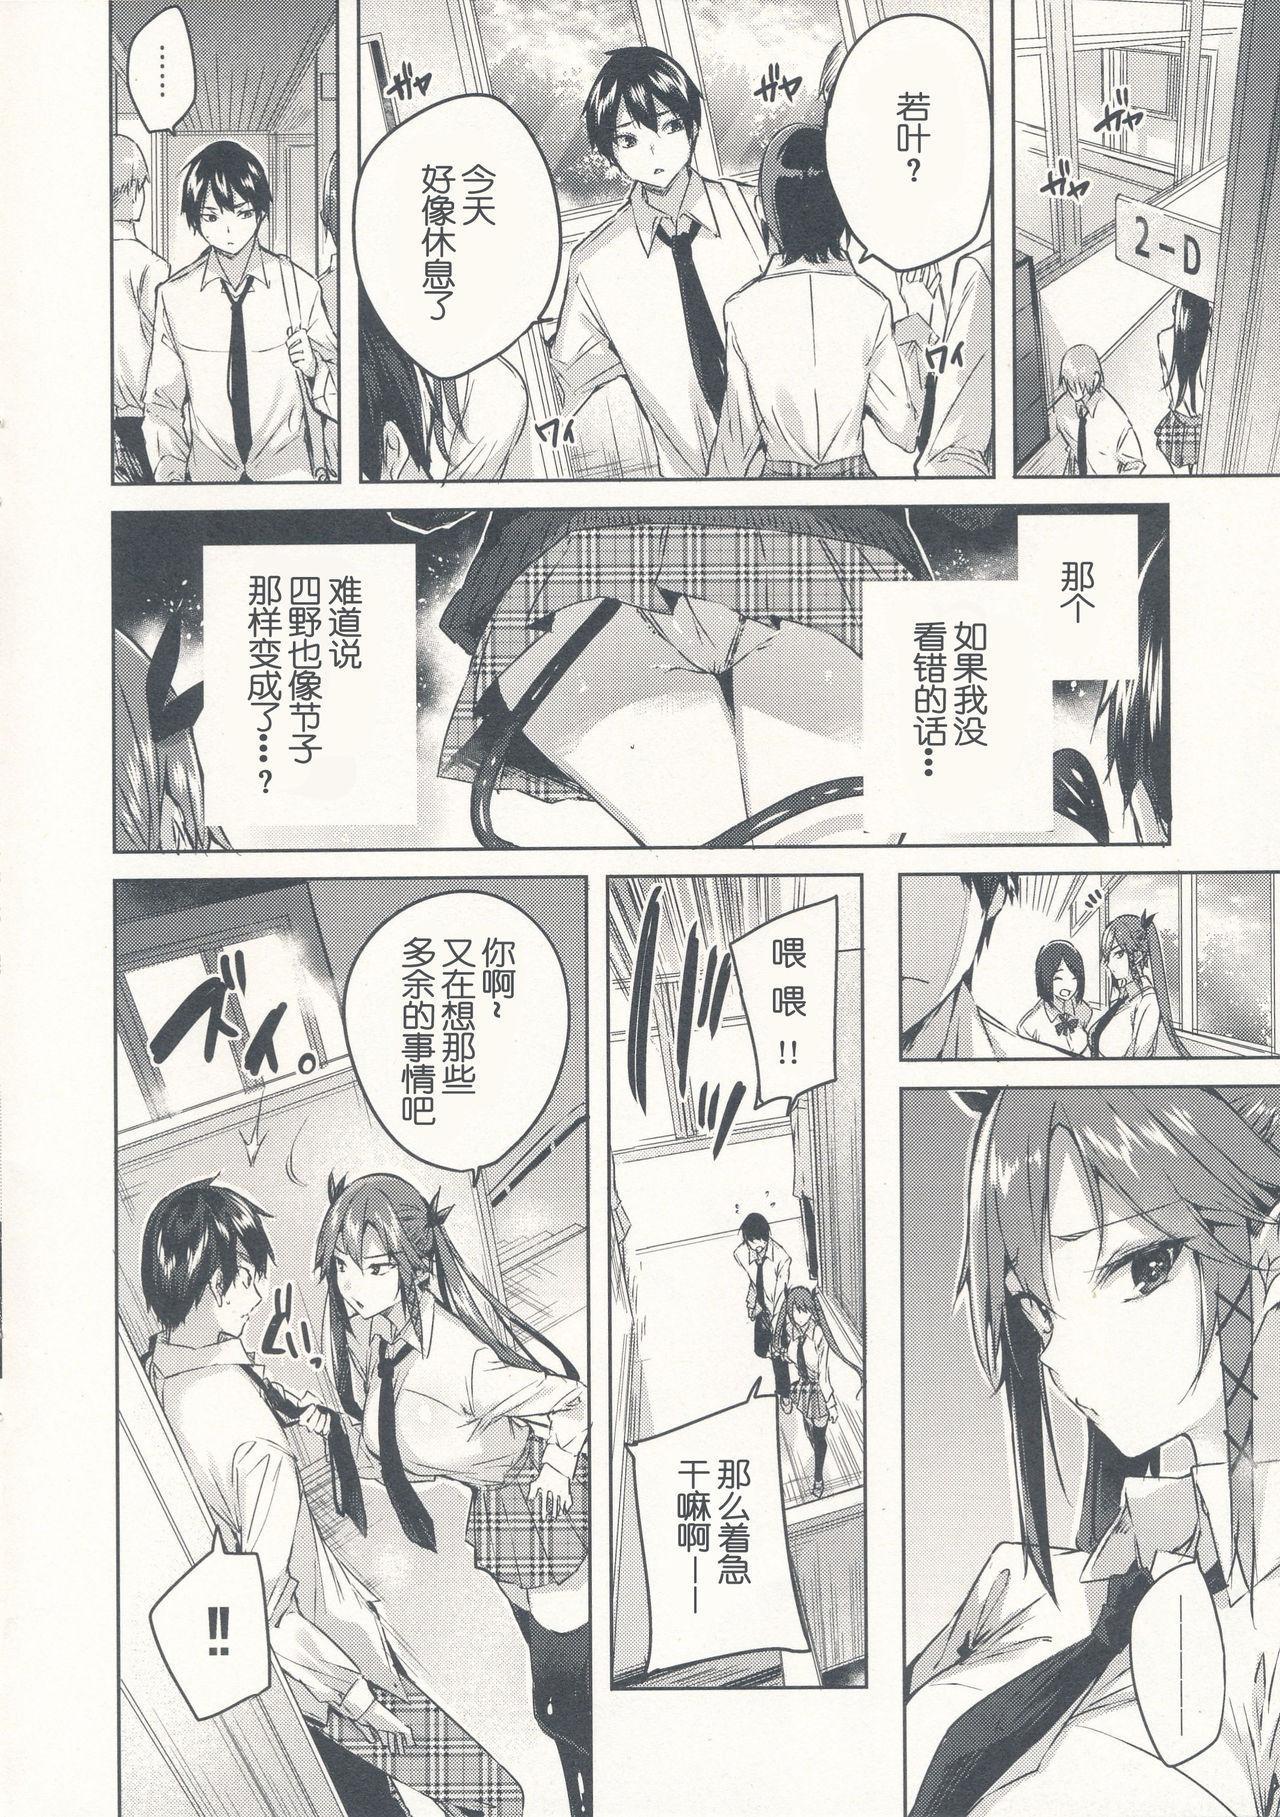 Koakuma Setsuko no Himitsu Vol. 5 7